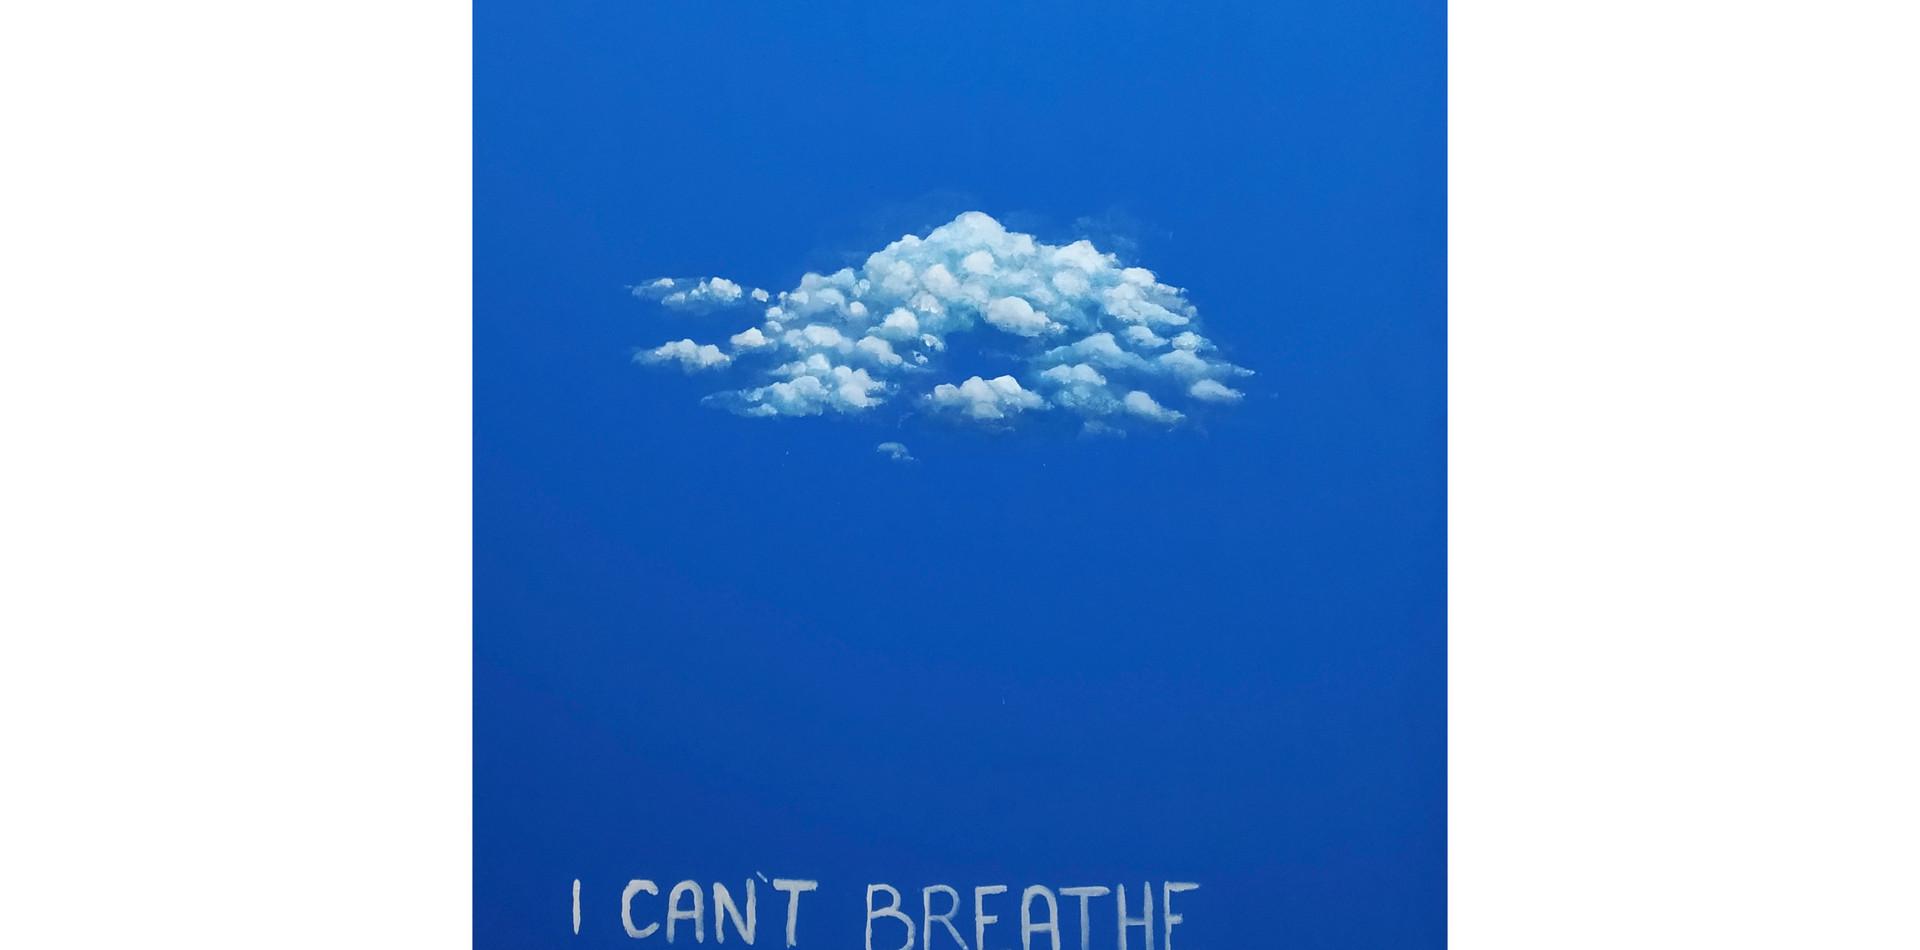 Respirar -Breathe | 2020  Acrílica e argamassa sobre tela  85 x 100 cm